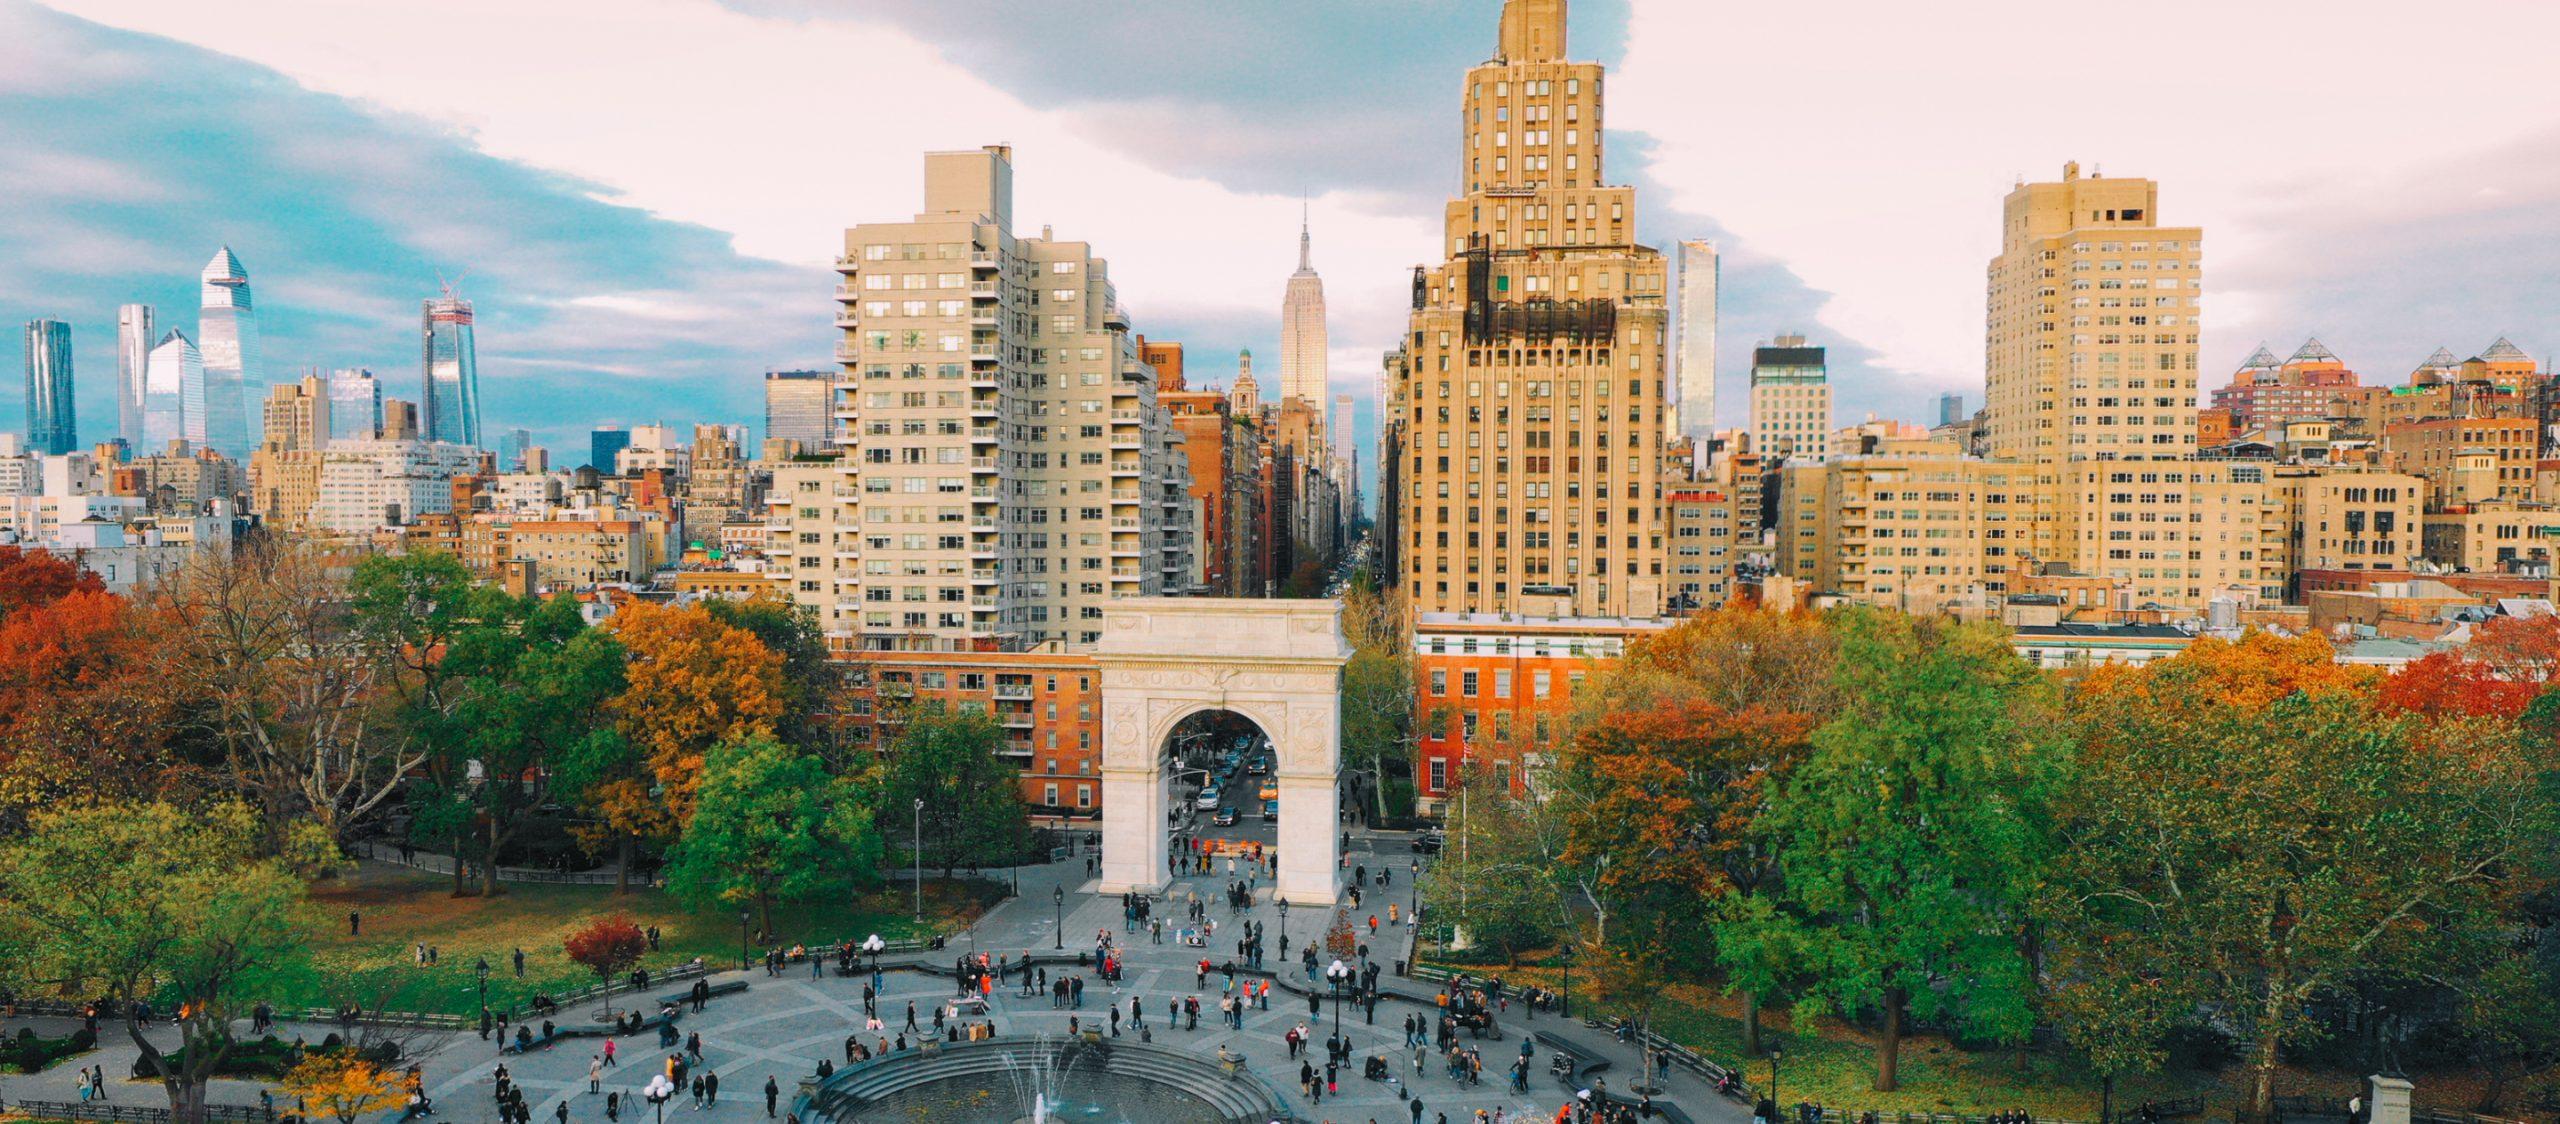 Washington Square Park แม้ไม่เคร่งขรึมตามฉบับพื้นที่อนุสาวรีย์ แต่นี่คือสิ่งที่พื้นที่สาธารณะควรเป็น